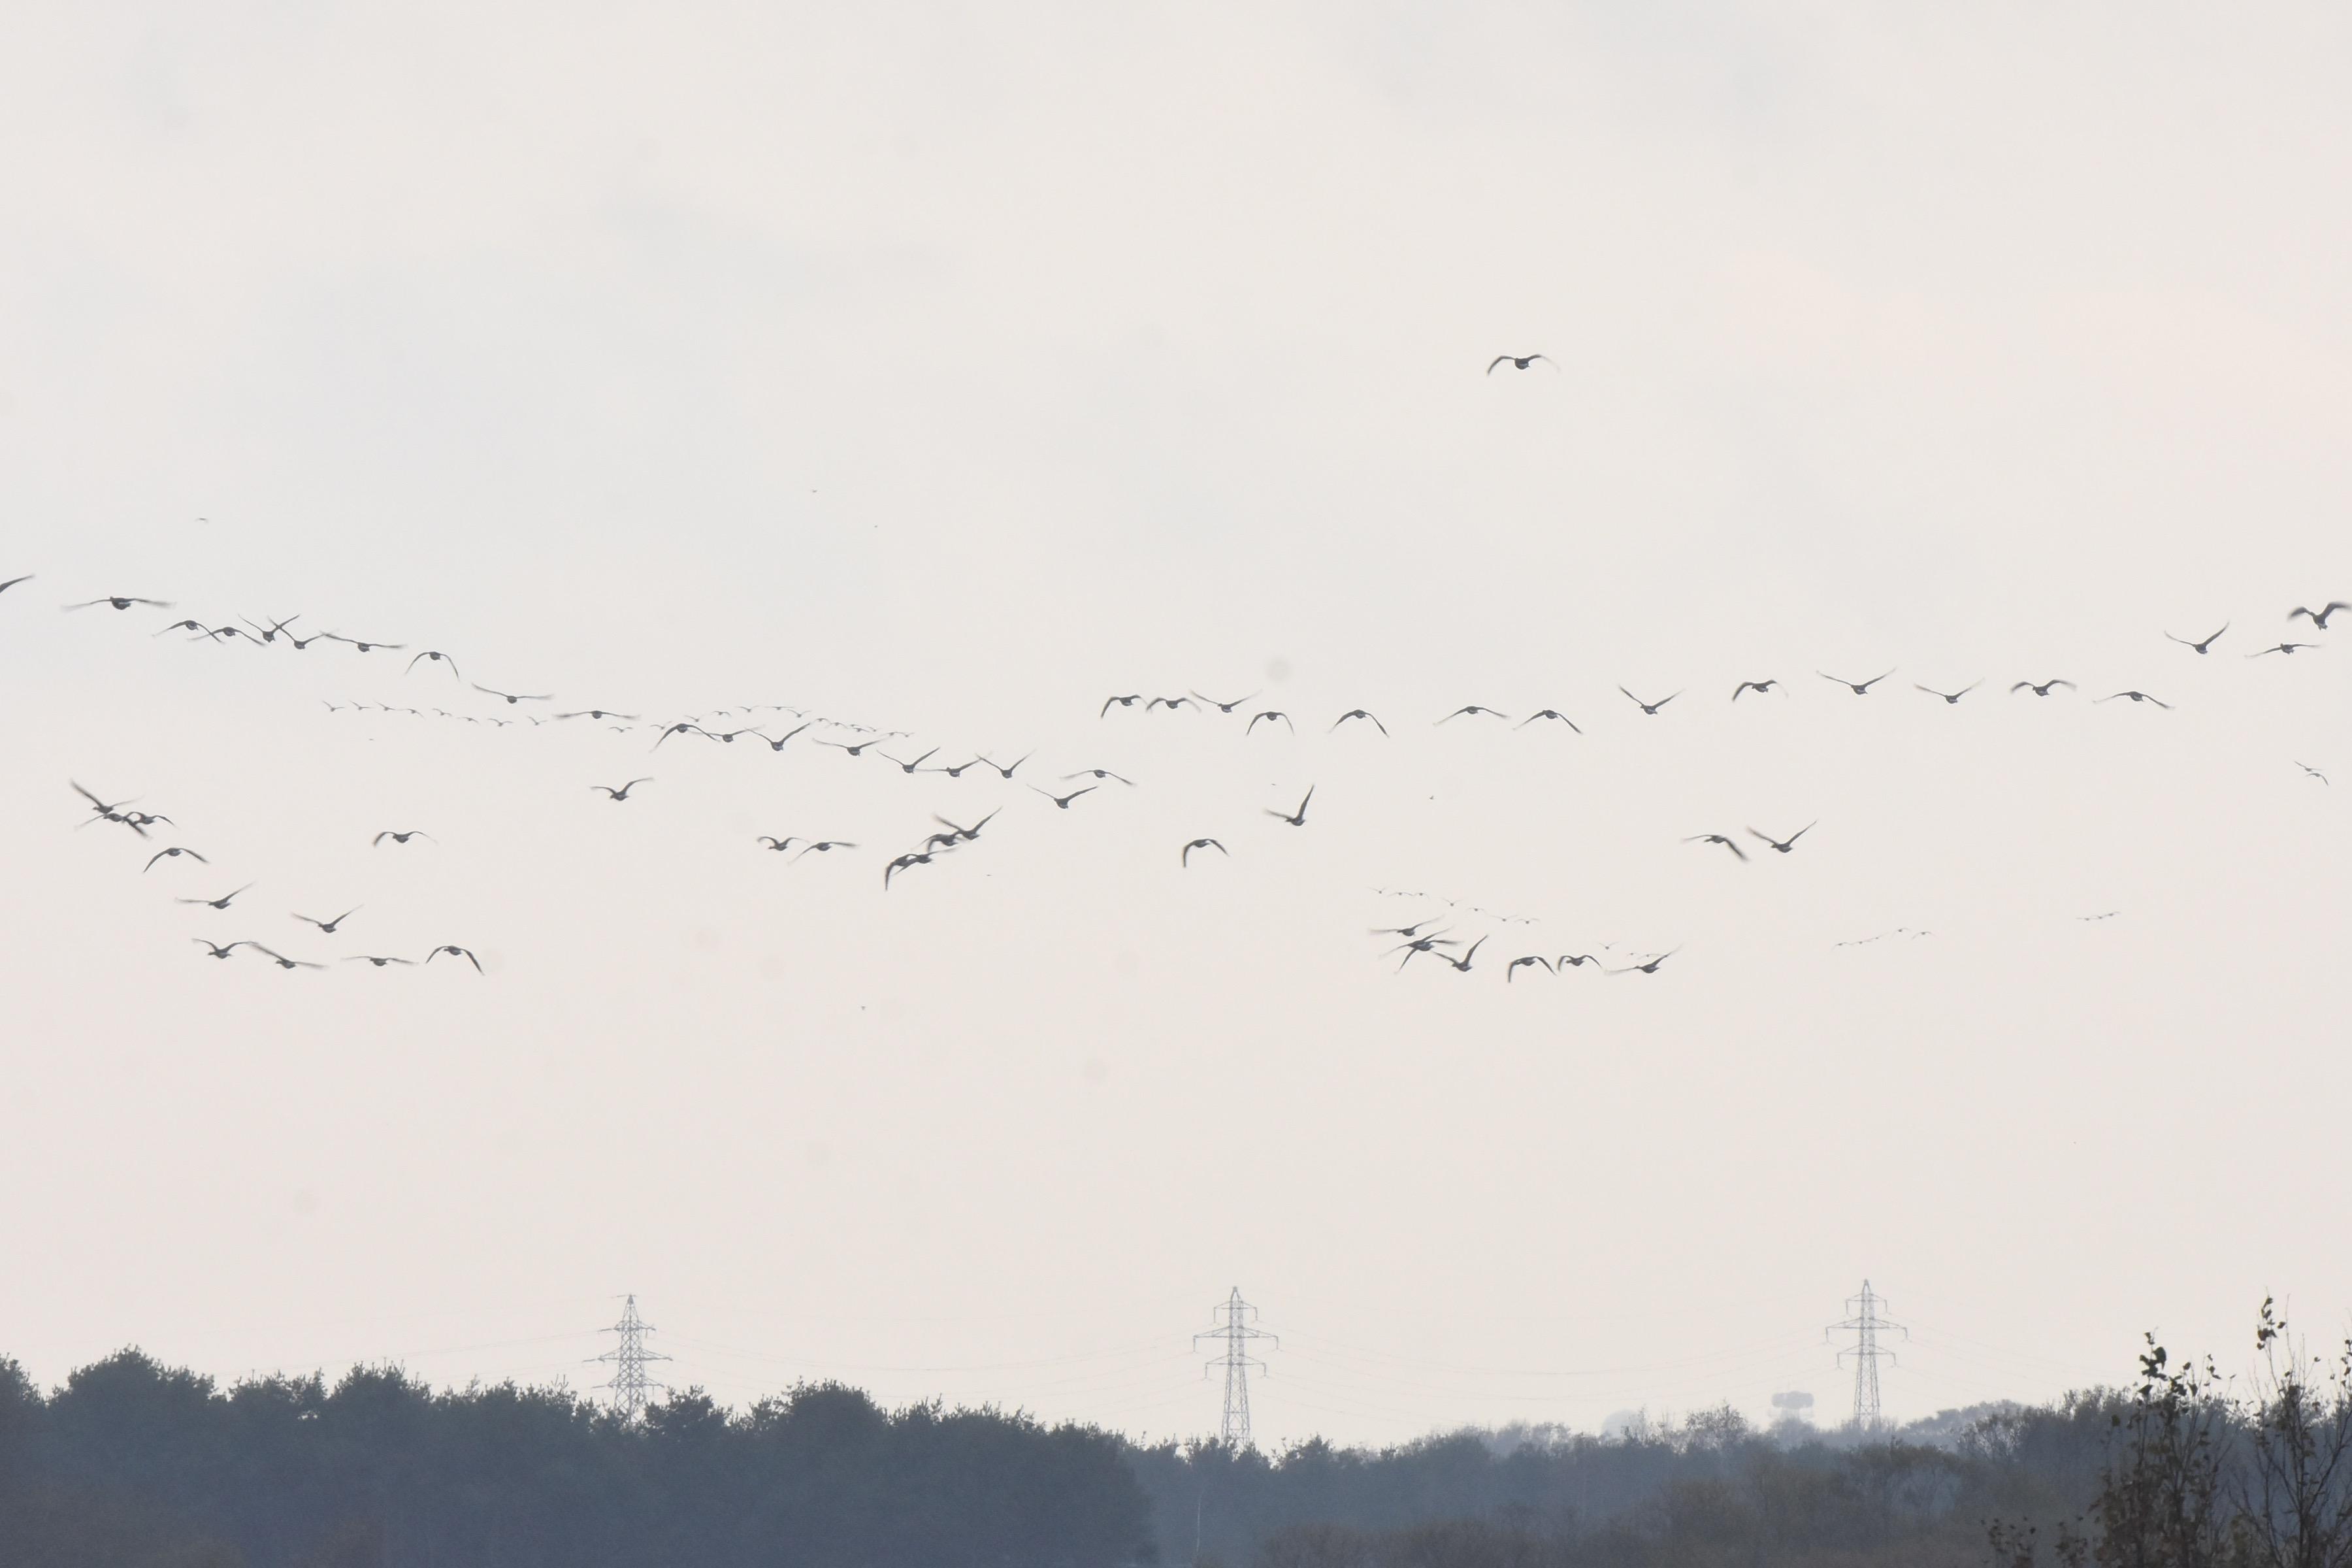 オオヒシクイ 群れ飛翔